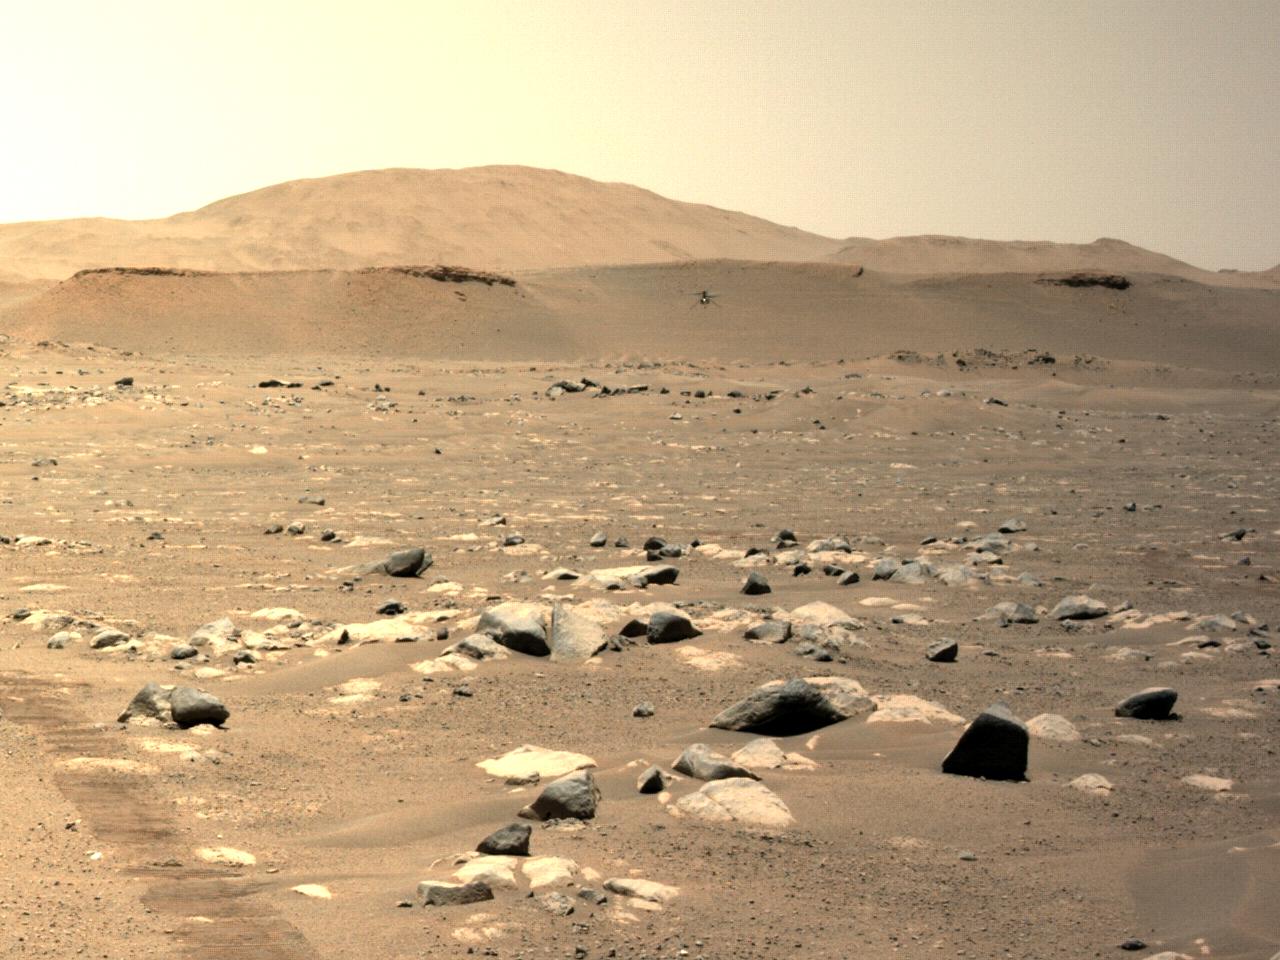 El helicóptero Ingenuity Mars de la NASA sigue alcanzando hitos en su tercer vuelo